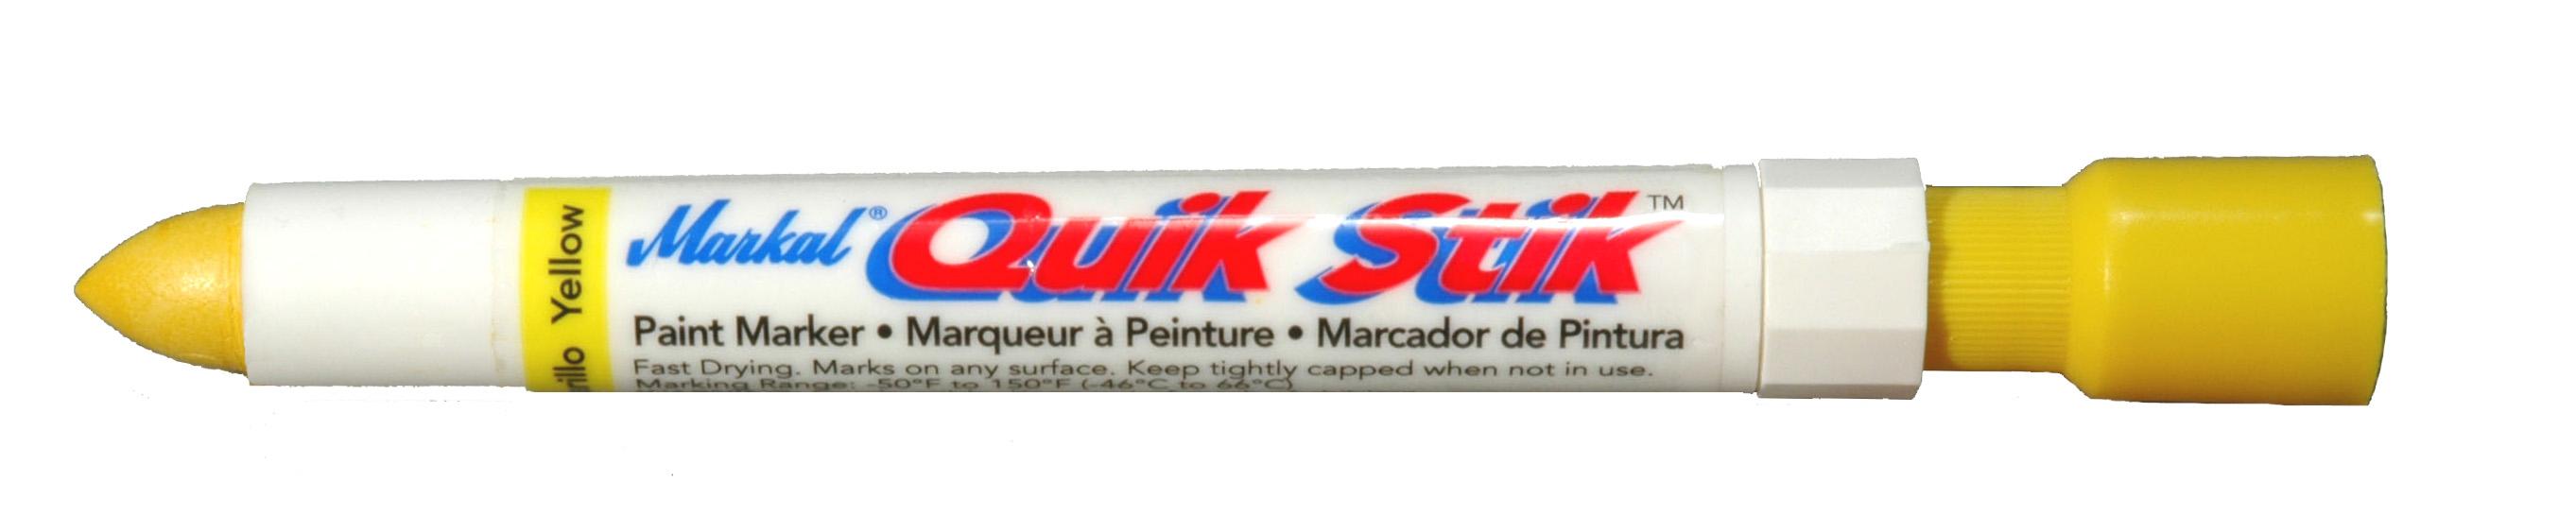 Markal Quik Stik Paint Marker - Orange